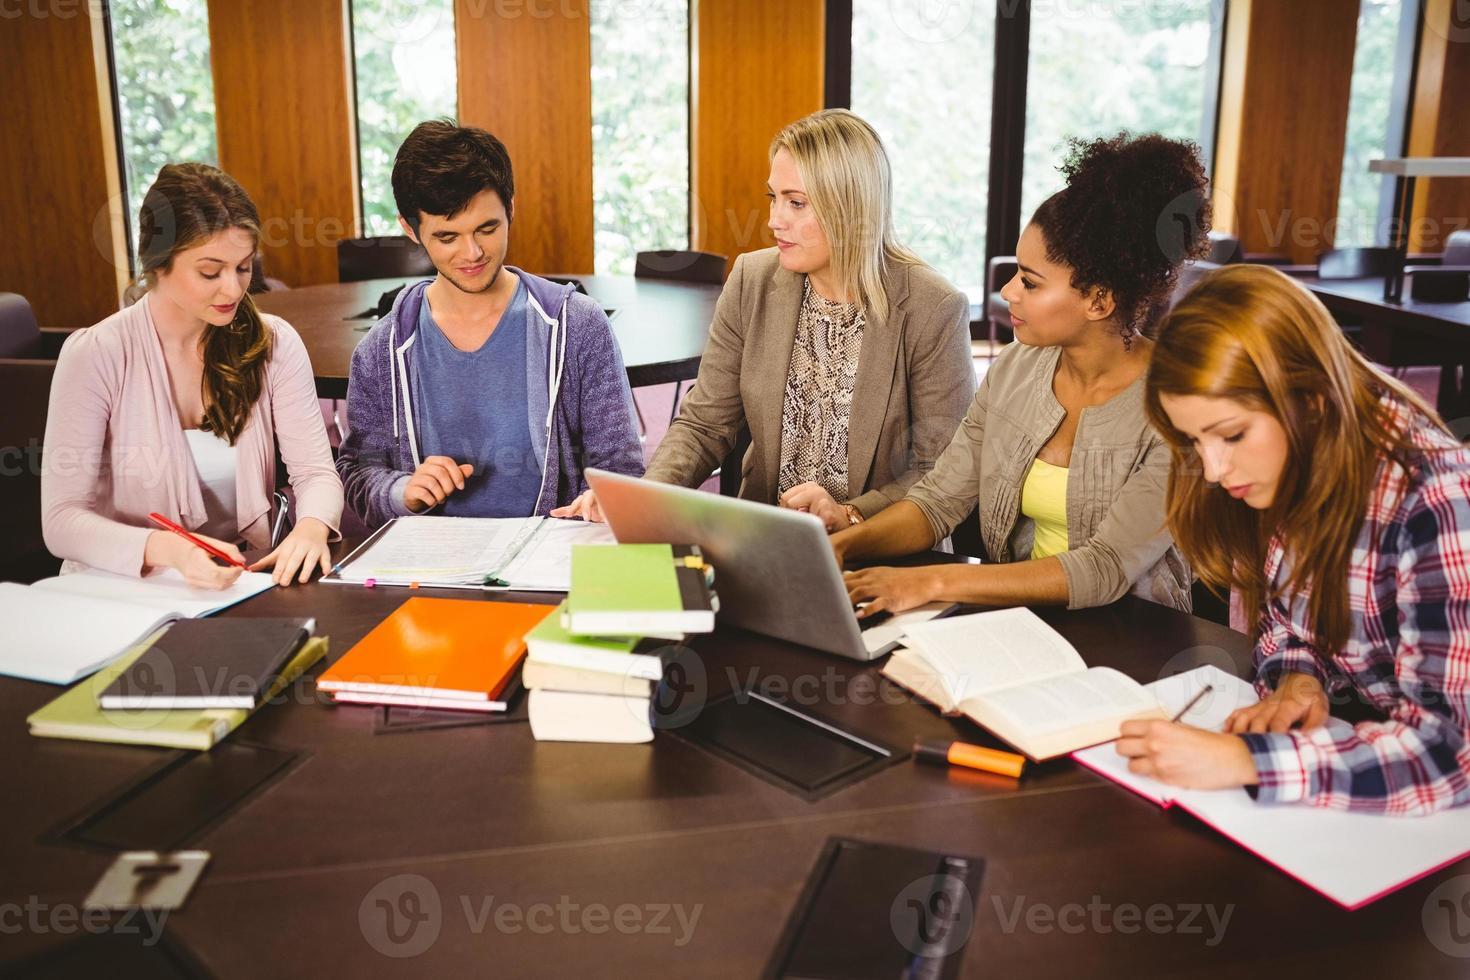 lachende studenten werken samen aan een opdracht foto